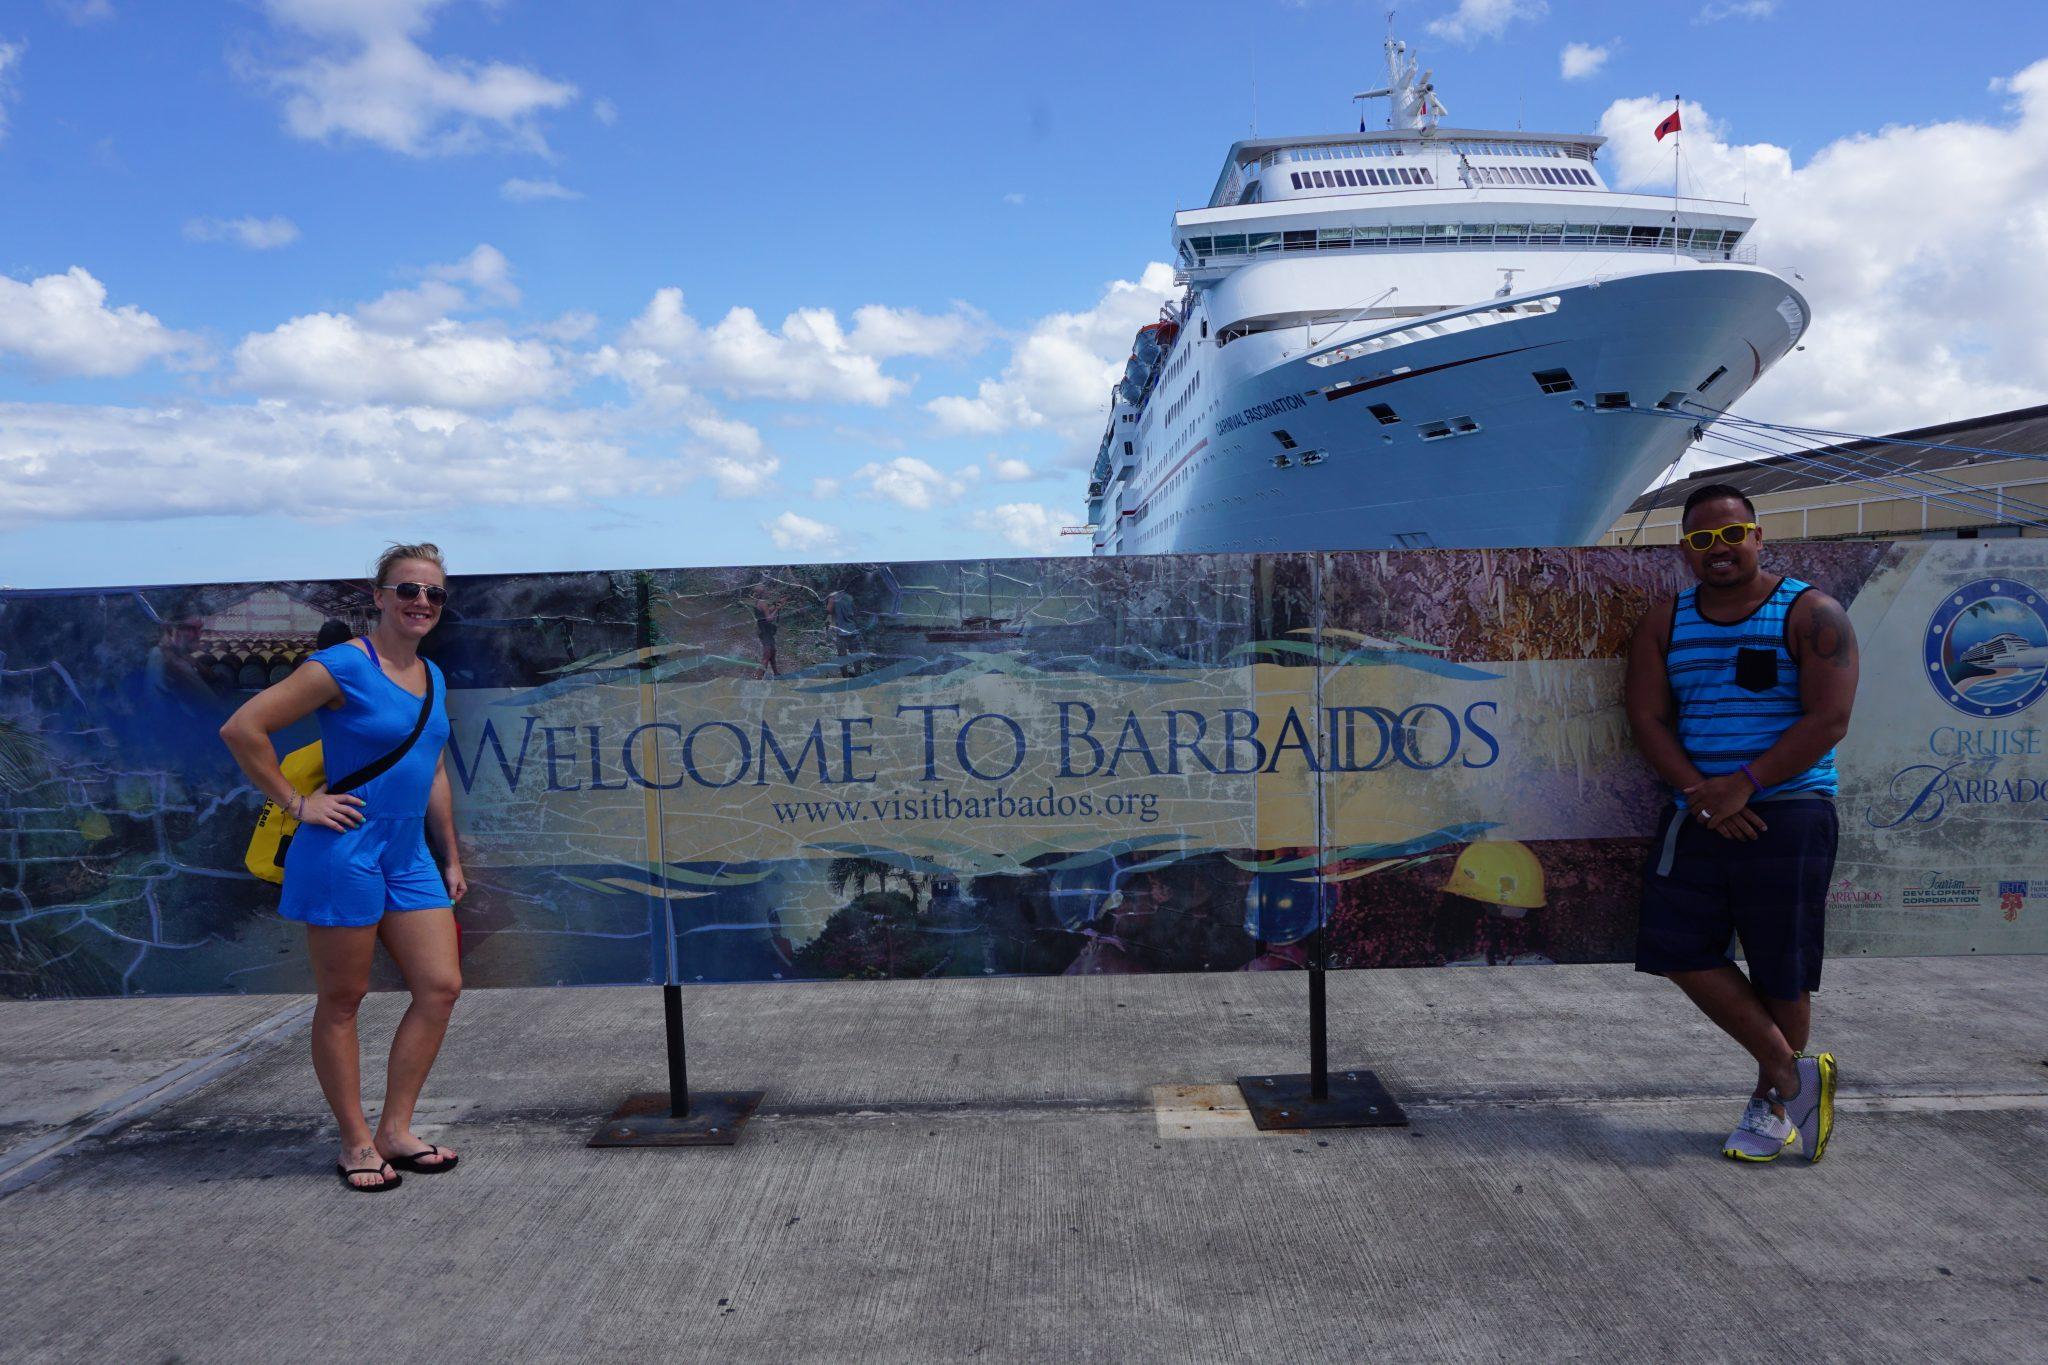 barbados cruise fittwottravel.com